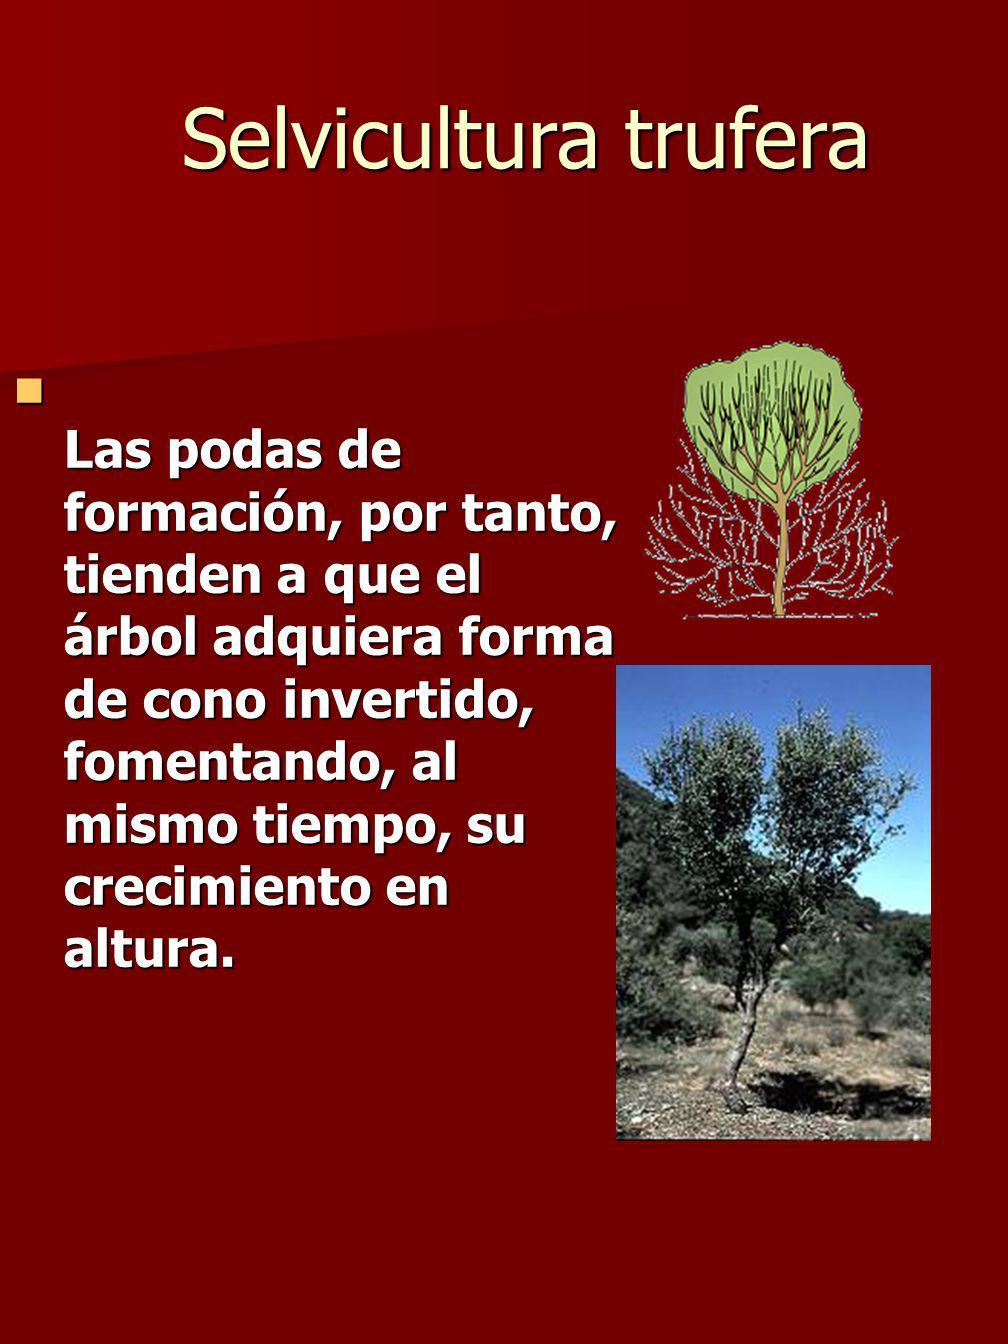 Las podas de formación, por tanto, tienden a que el árbol adquiera forma de cono invertido, fomentando, al mismo tiempo, su crecimiento en altura.